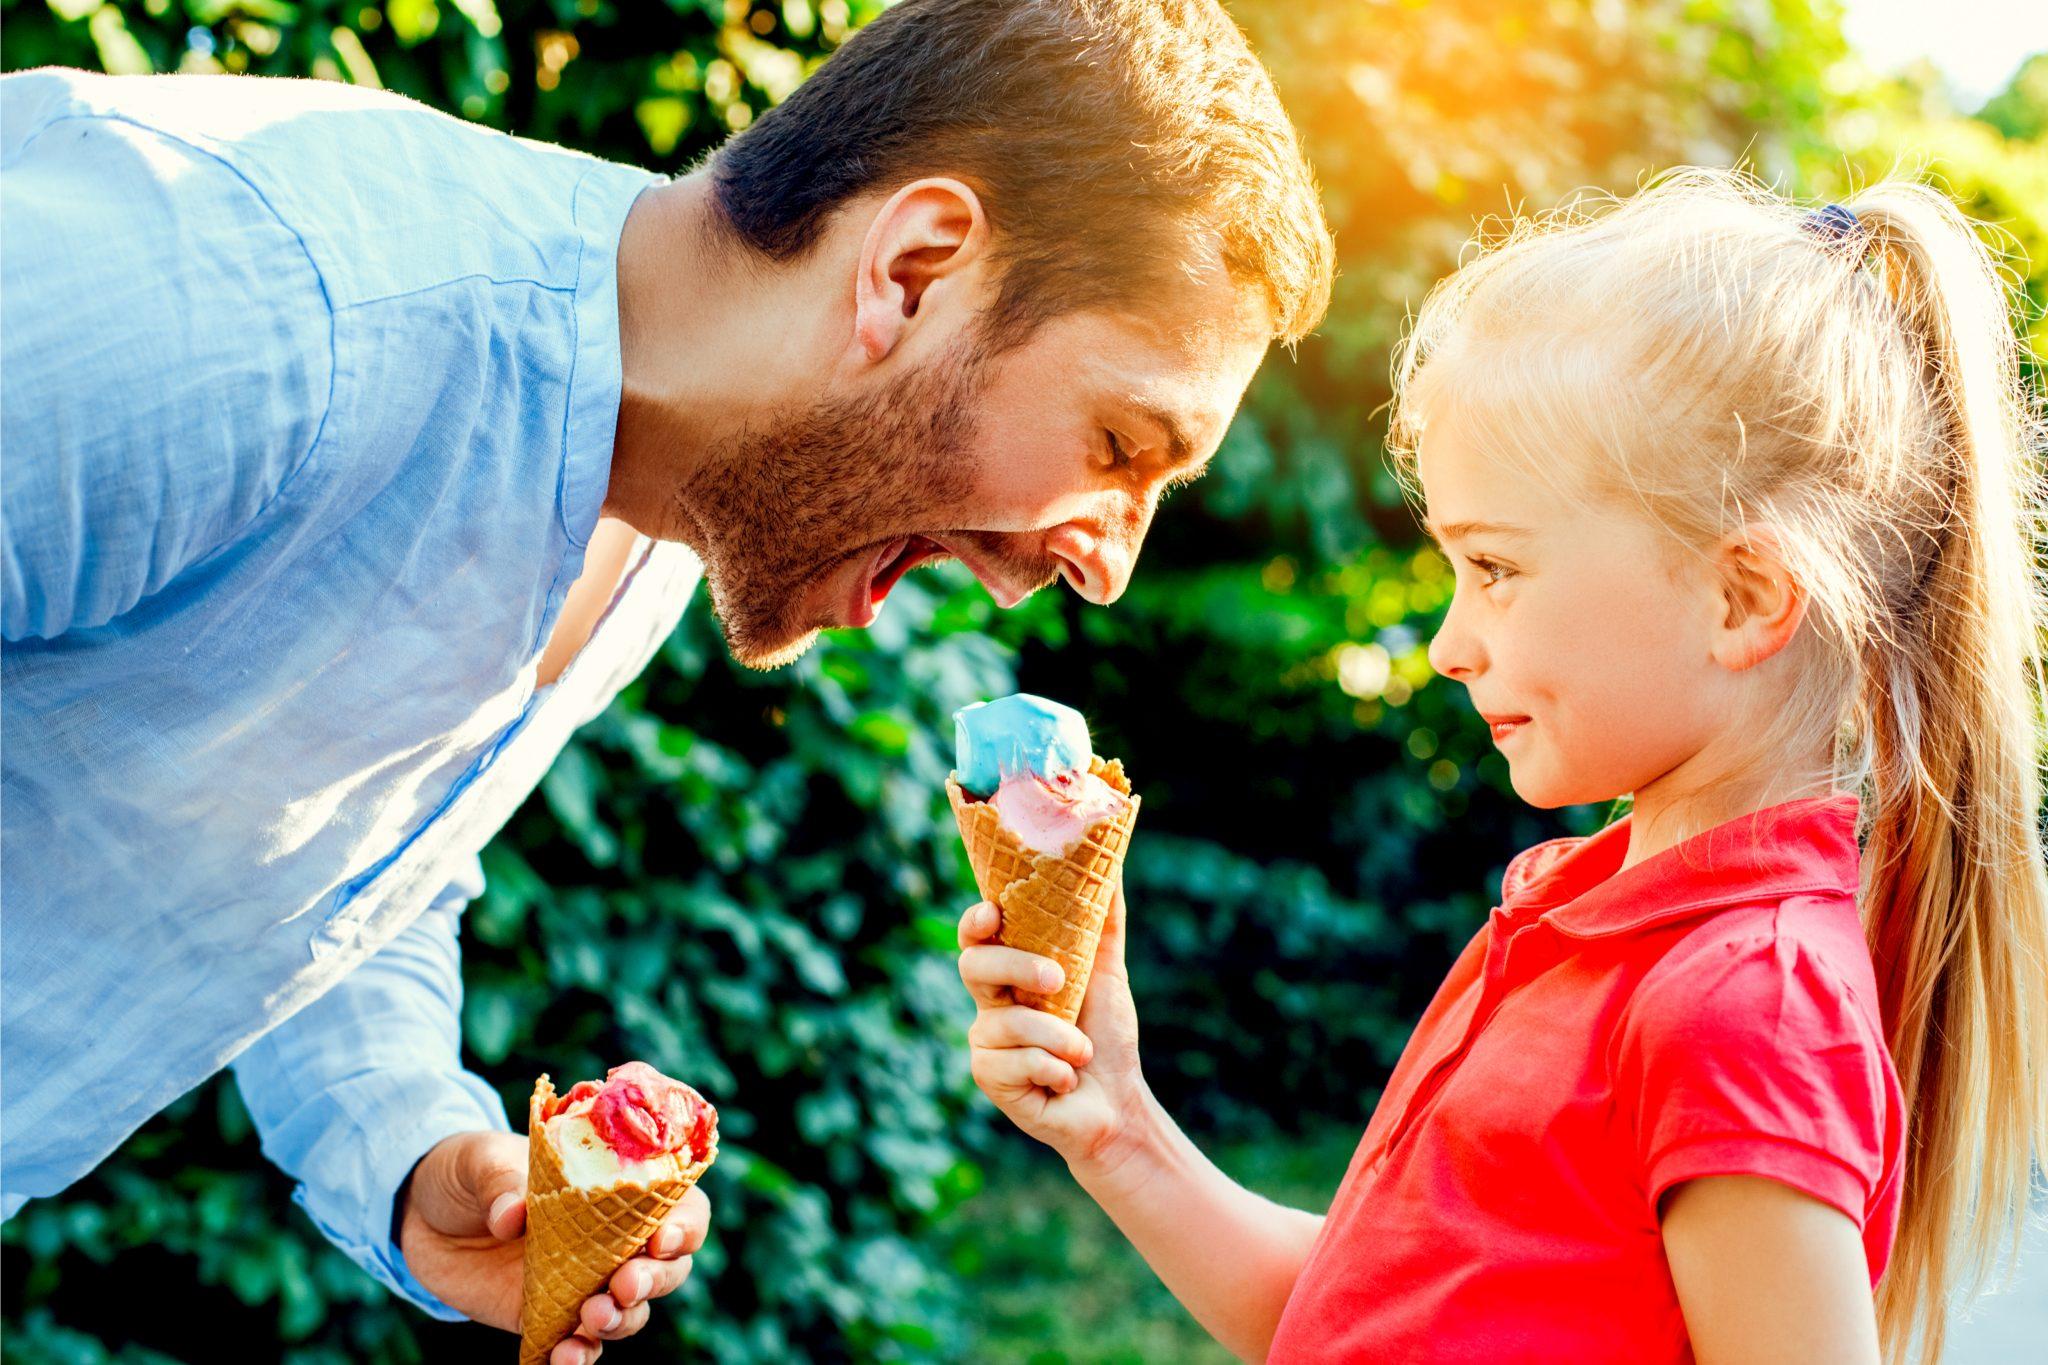 娘がお父さんにアイスをあげている